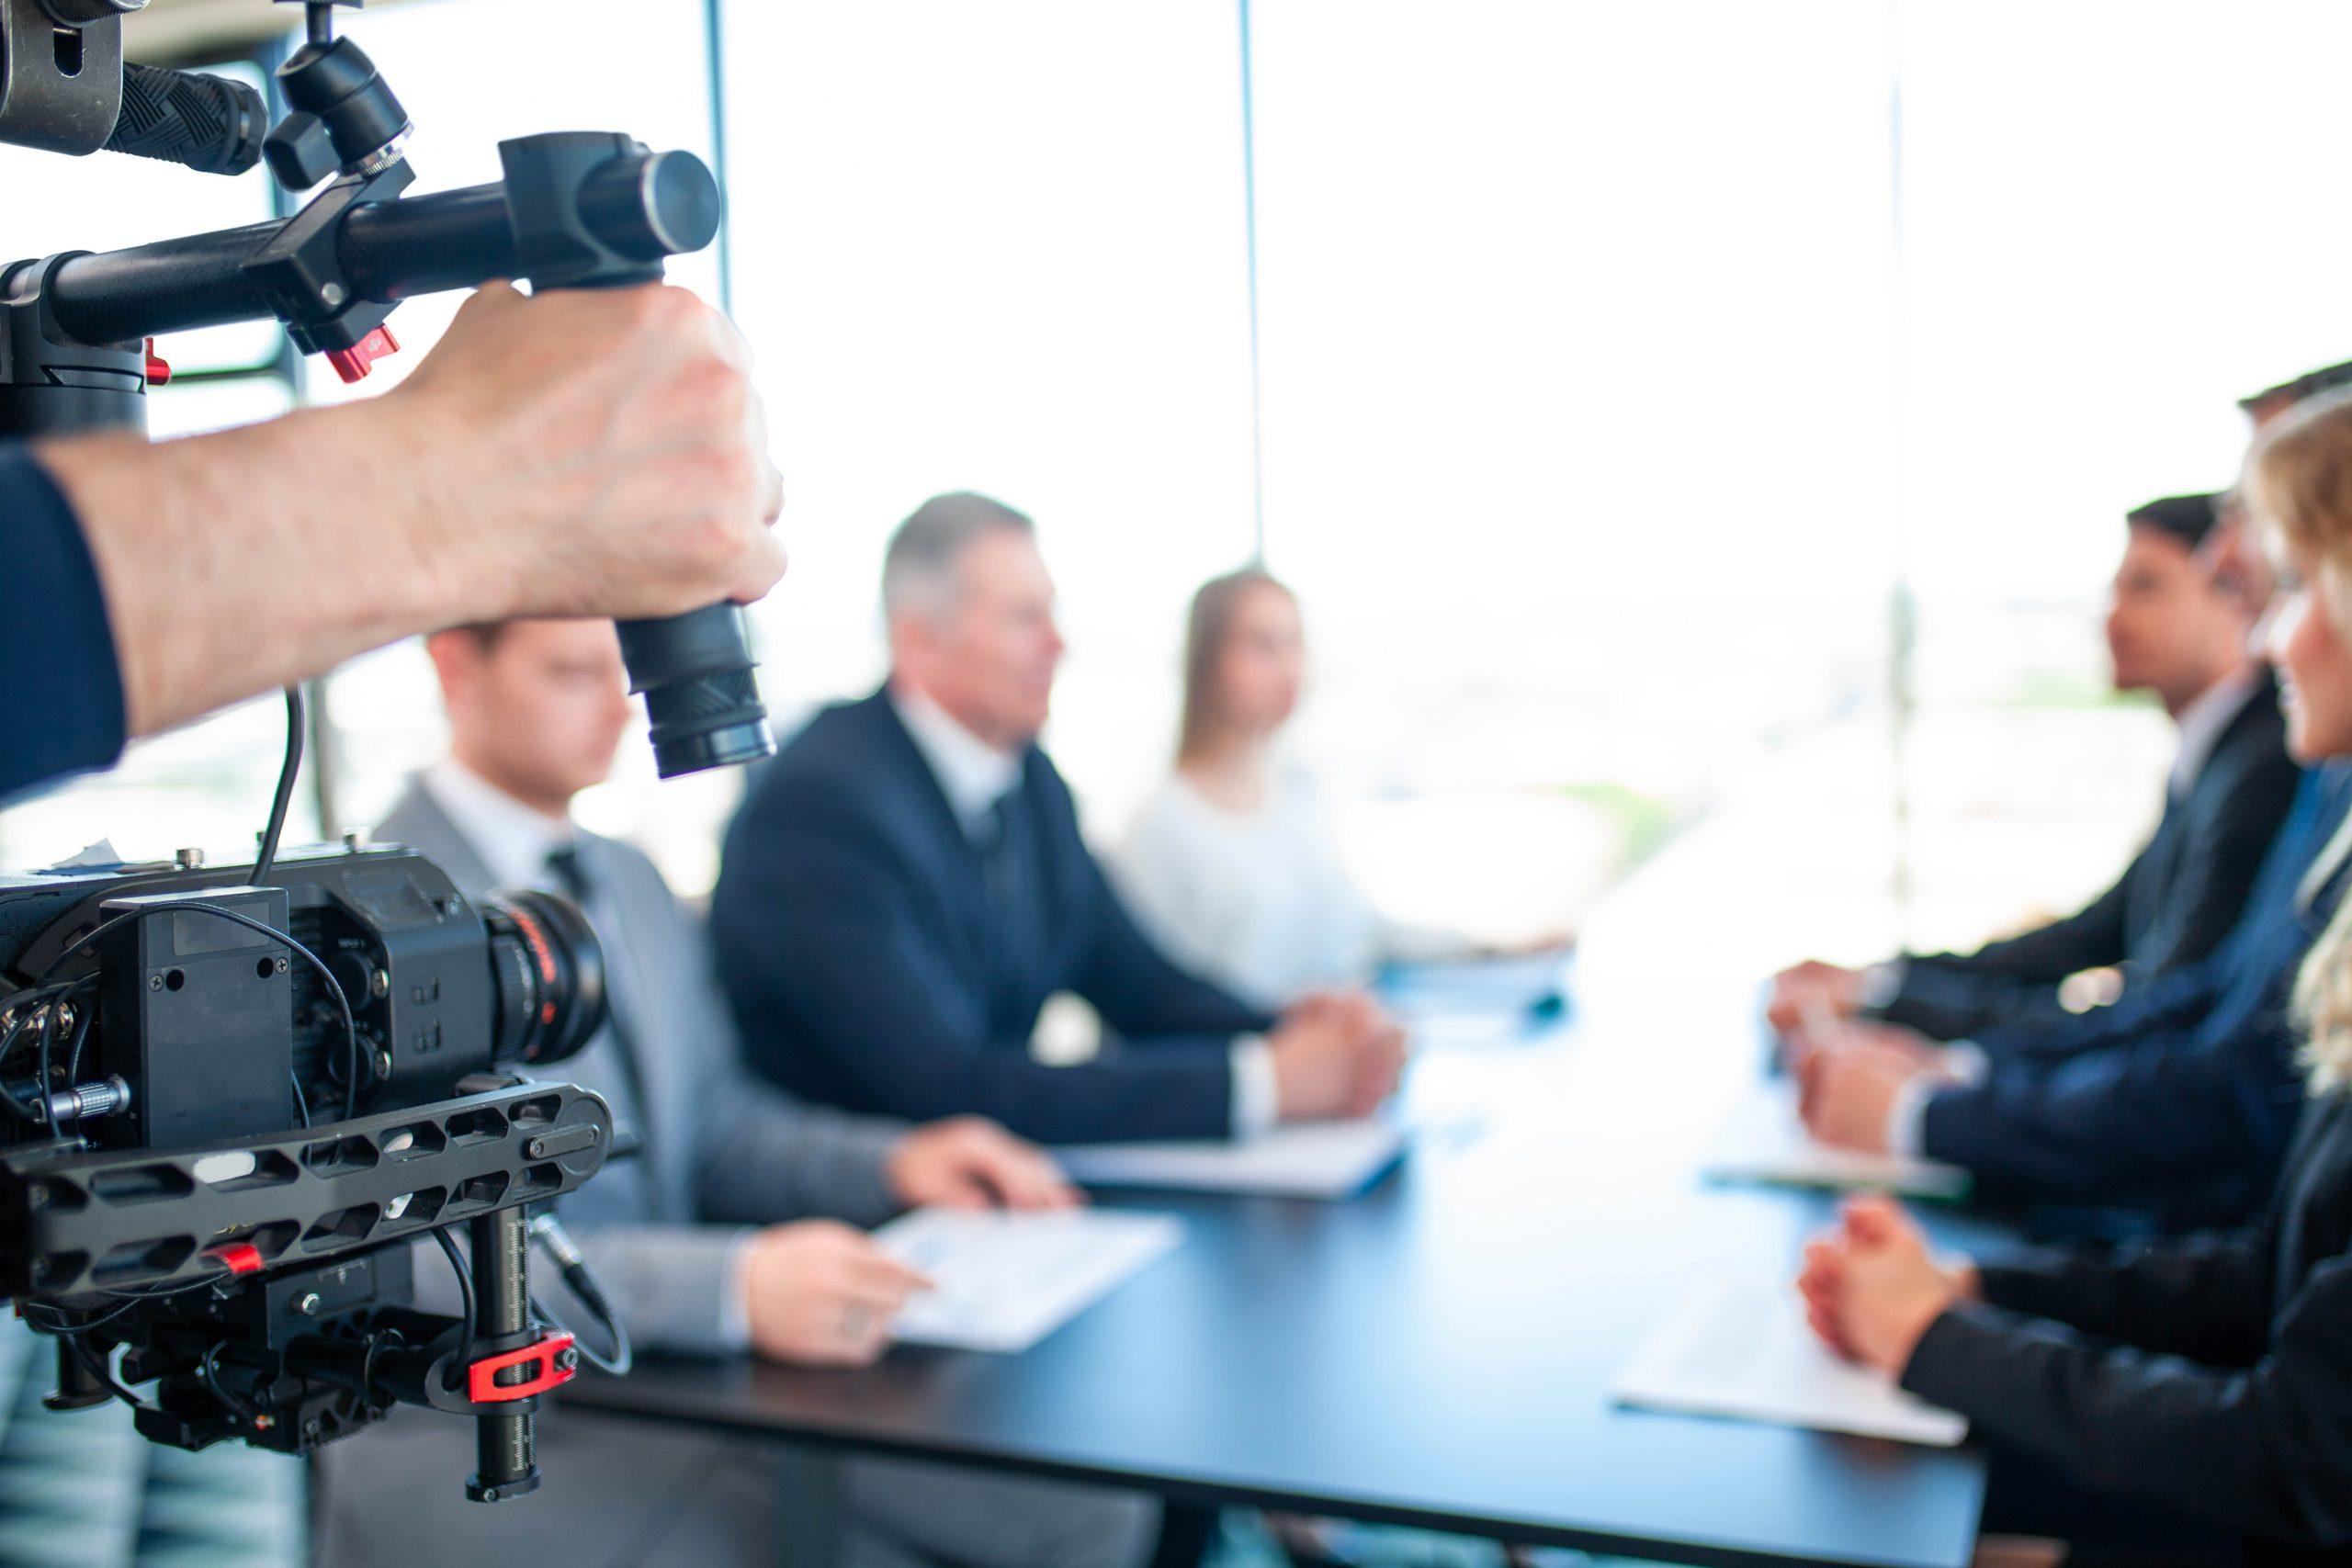 tournage vidéo d'entreprise film corporate